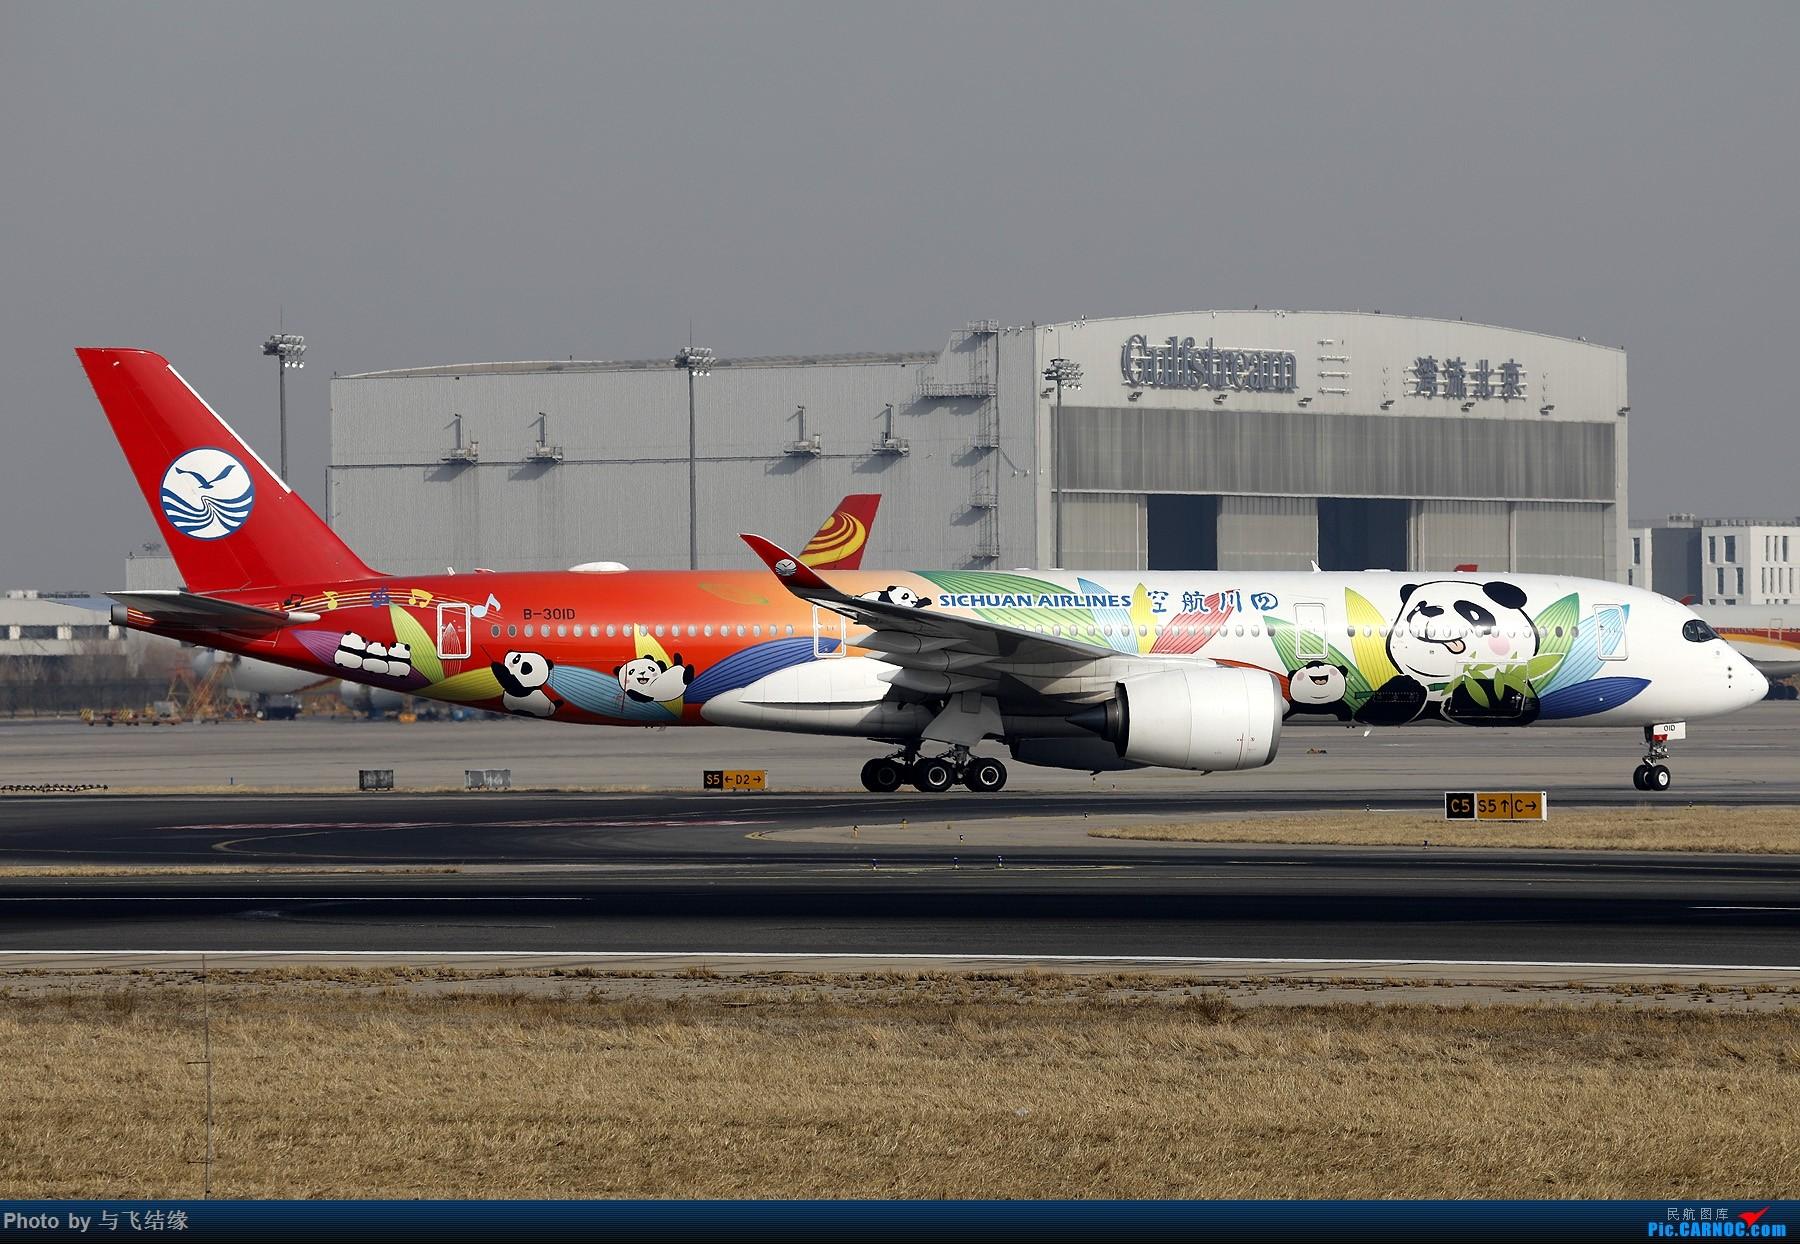 """Re:[原创]农历三十再发一贴,祝朋友们新年""""猪""""事顺利,吉祥如意! AIRBUS A350-900 B-301D 中国北京首都国际机场"""